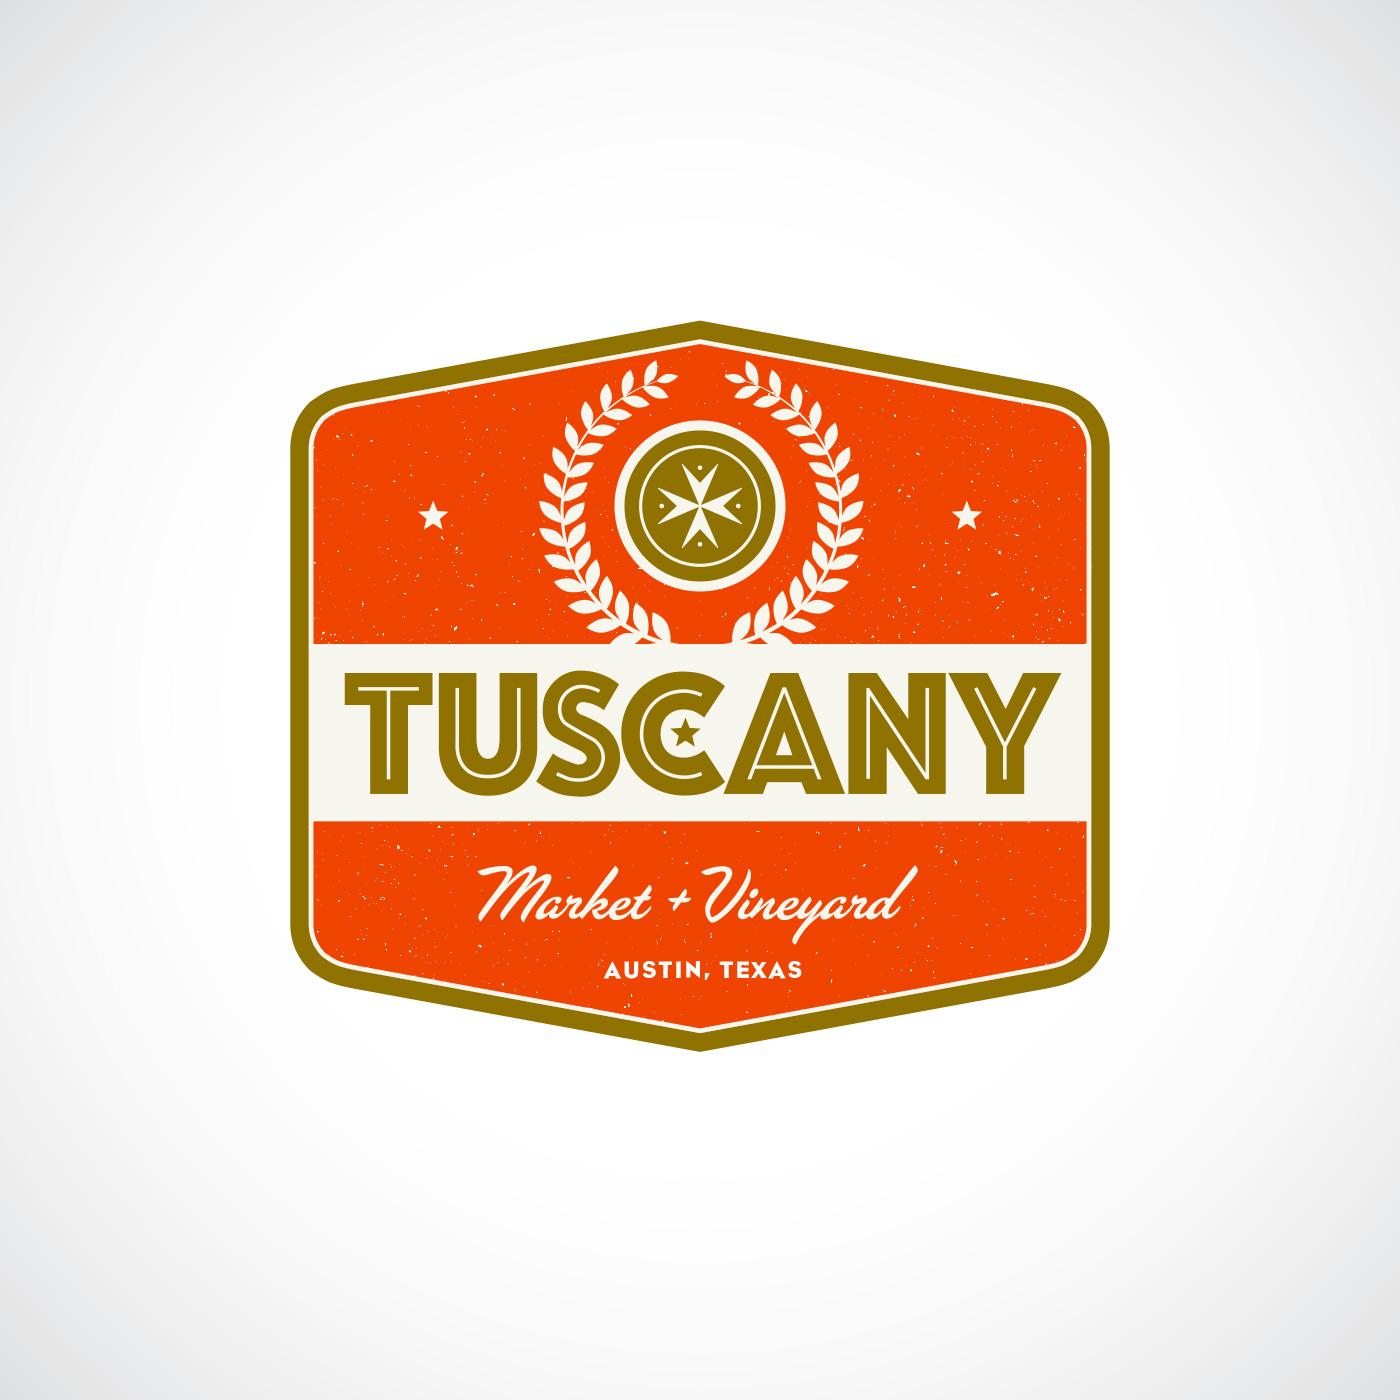 Tuscany Market